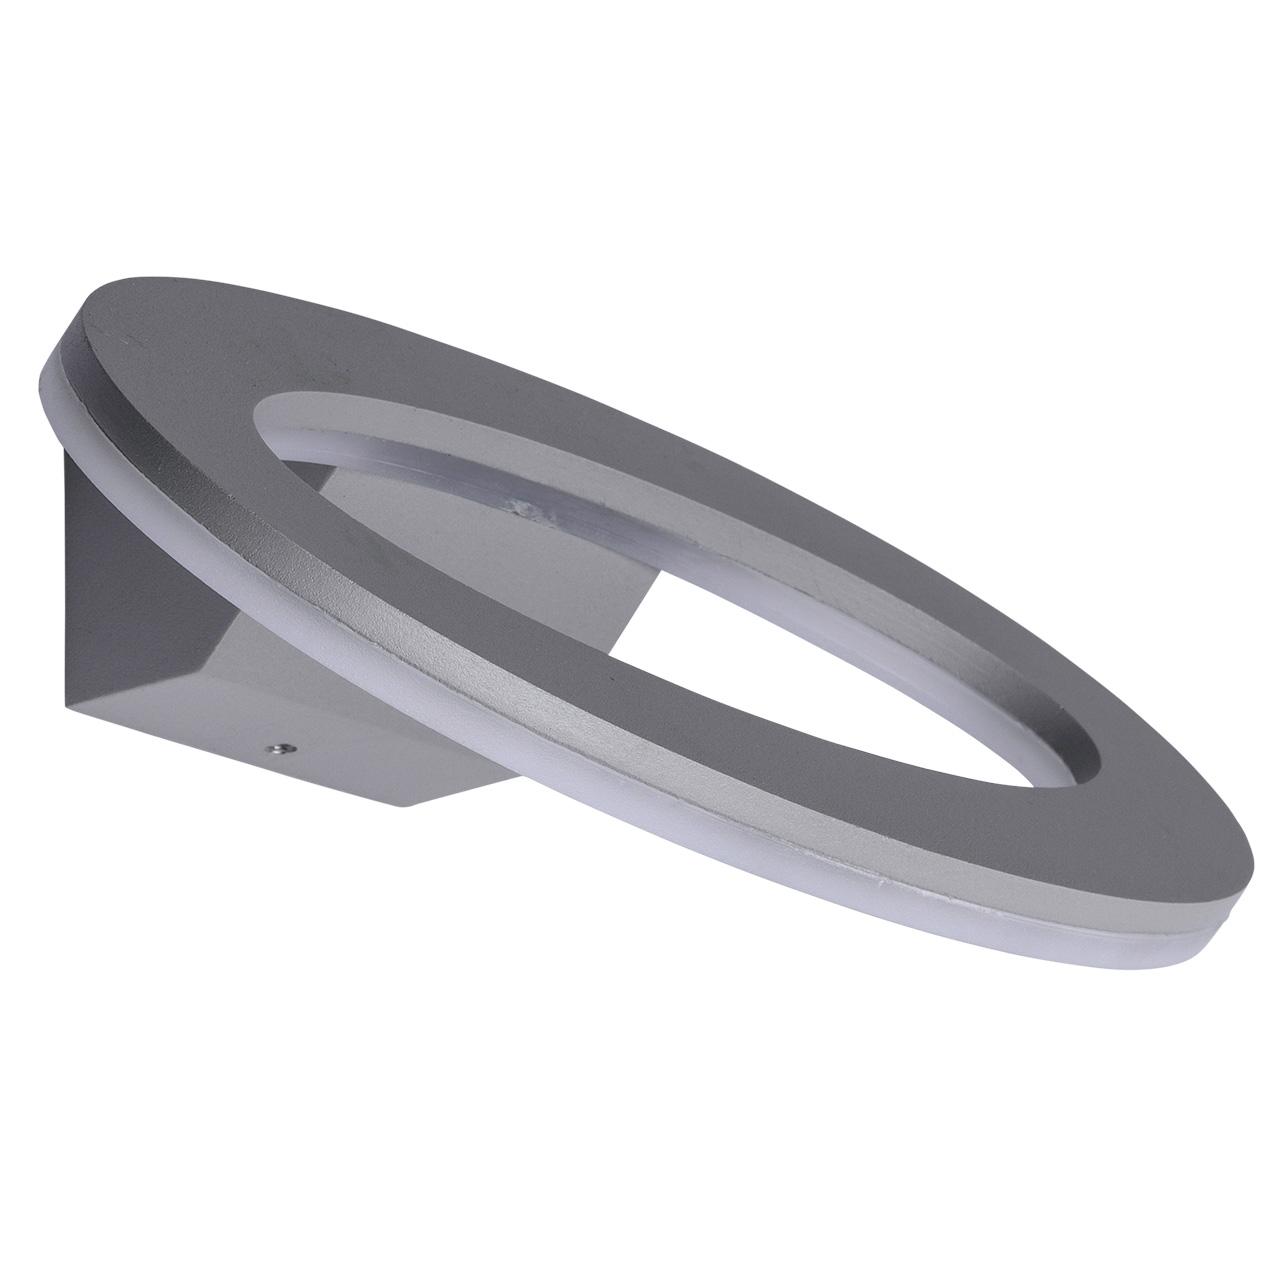 Уличный светильник МеркурийУличные настенные светильники<br>&amp;lt;div&amp;gt;Стильный и современный модерновый светильник из коллекции «Меркурий» подчеркнет строгий, но при этом изысканный вкус. Металлическое основание цвета алюминия гармонично сочетается с источником света - &amp;amp;nbsp;светодиодной лентой, &amp;amp;nbsp;защищенной акрилом. Светильник имеет высокий уровень IP защиты и поэтому прекрасно подойдет для использования на улице. Например, для освещения ландшафта загородного дома или дачи. &amp;amp;nbsp;Он создаст уютный и достаточно яркий свет. Площадь освещения порядка 3 кв.м.&amp;amp;nbsp;&amp;lt;span style=&amp;quot;line-height: 1.78571;&amp;quot;&amp;gt;Крашеное металлическое основание серого цвета, акрил.&amp;lt;/span&amp;gt;&amp;lt;/div&amp;gt;&amp;lt;div&amp;gt;&amp;lt;br&amp;gt;&amp;lt;/div&amp;gt;&amp;lt;div&amp;gt;Количество ламп: 1 шт&amp;lt;/div&amp;gt;&amp;lt;div&amp;gt;Мощность лампы:7W&amp;lt;/div&amp;gt;&amp;lt;div&amp;gt;Тип лампы: LED&amp;lt;/div&amp;gt;&amp;lt;div&amp;gt;&amp;lt;span style=&amp;quot;line-height: 1.78571;&amp;quot;&amp;gt;Степень защиты светильников от пыли и влаги&amp;lt;/span&amp;gt;&amp;lt;span style=&amp;quot;line-height: 1.78571;&amp;quot;&amp;gt;&amp;amp;nbsp;IP54&amp;lt;/span&amp;gt;&amp;lt;/div&amp;gt;&amp;lt;div&amp;gt;Световая температура 4000K&amp;lt;/div&amp;gt;<br><br>Material: Металл<br>Length см: None<br>Width см: 25<br>Depth см: 14<br>Height см: 10